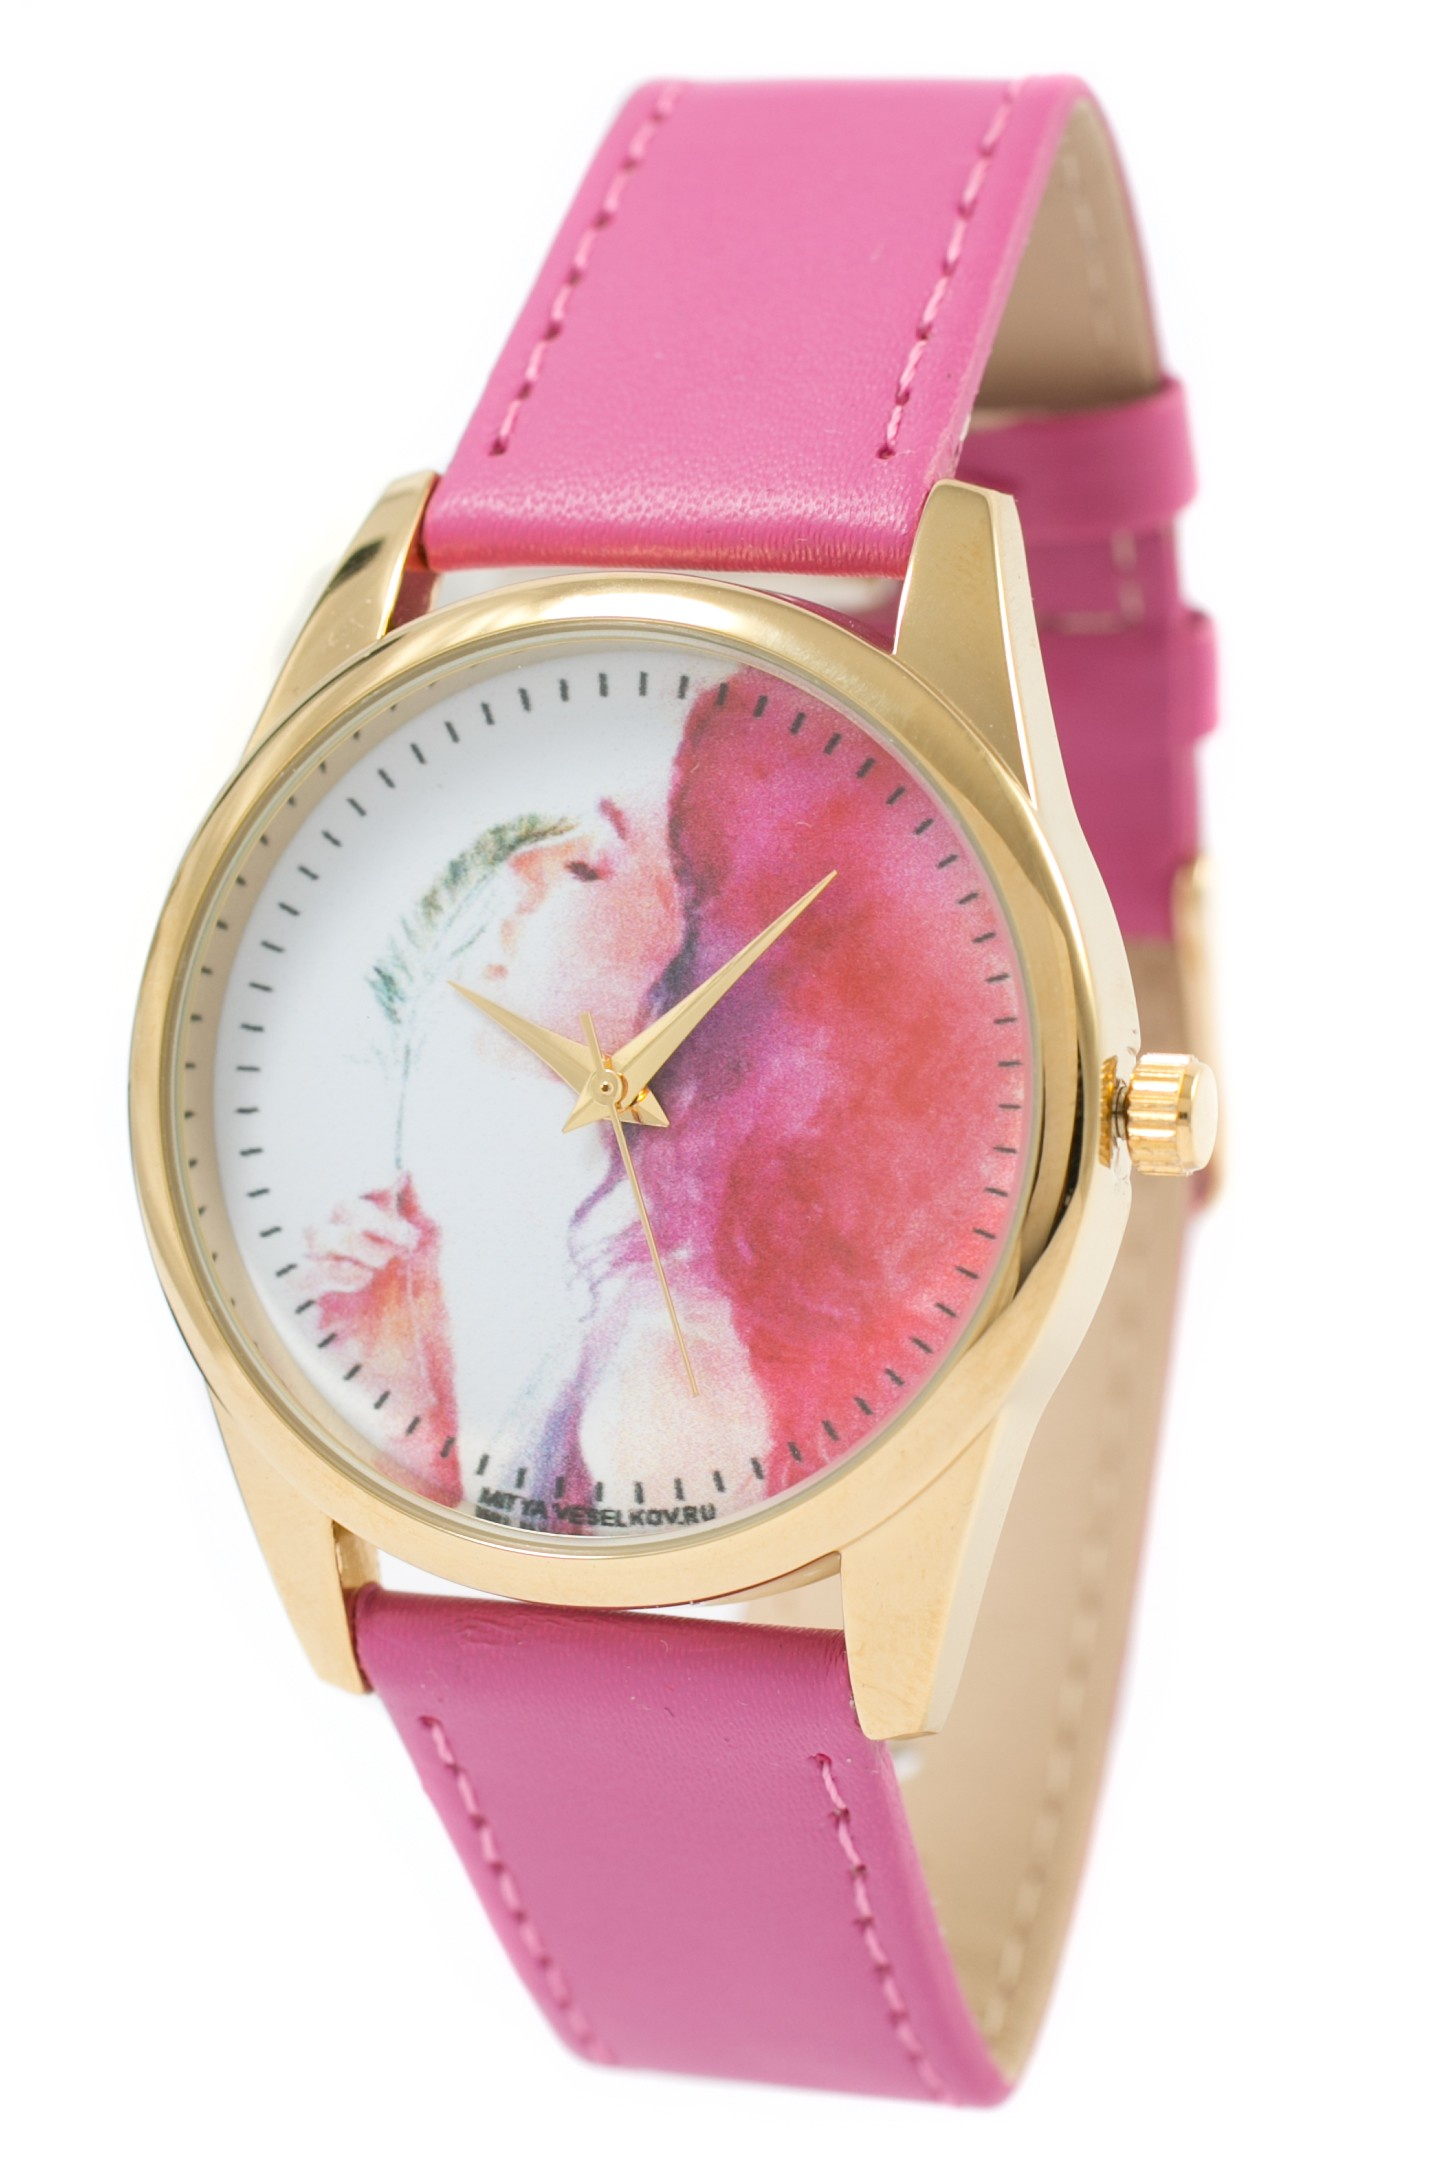 Часы Mitya Veselkov COLOR, Color-131 все цены